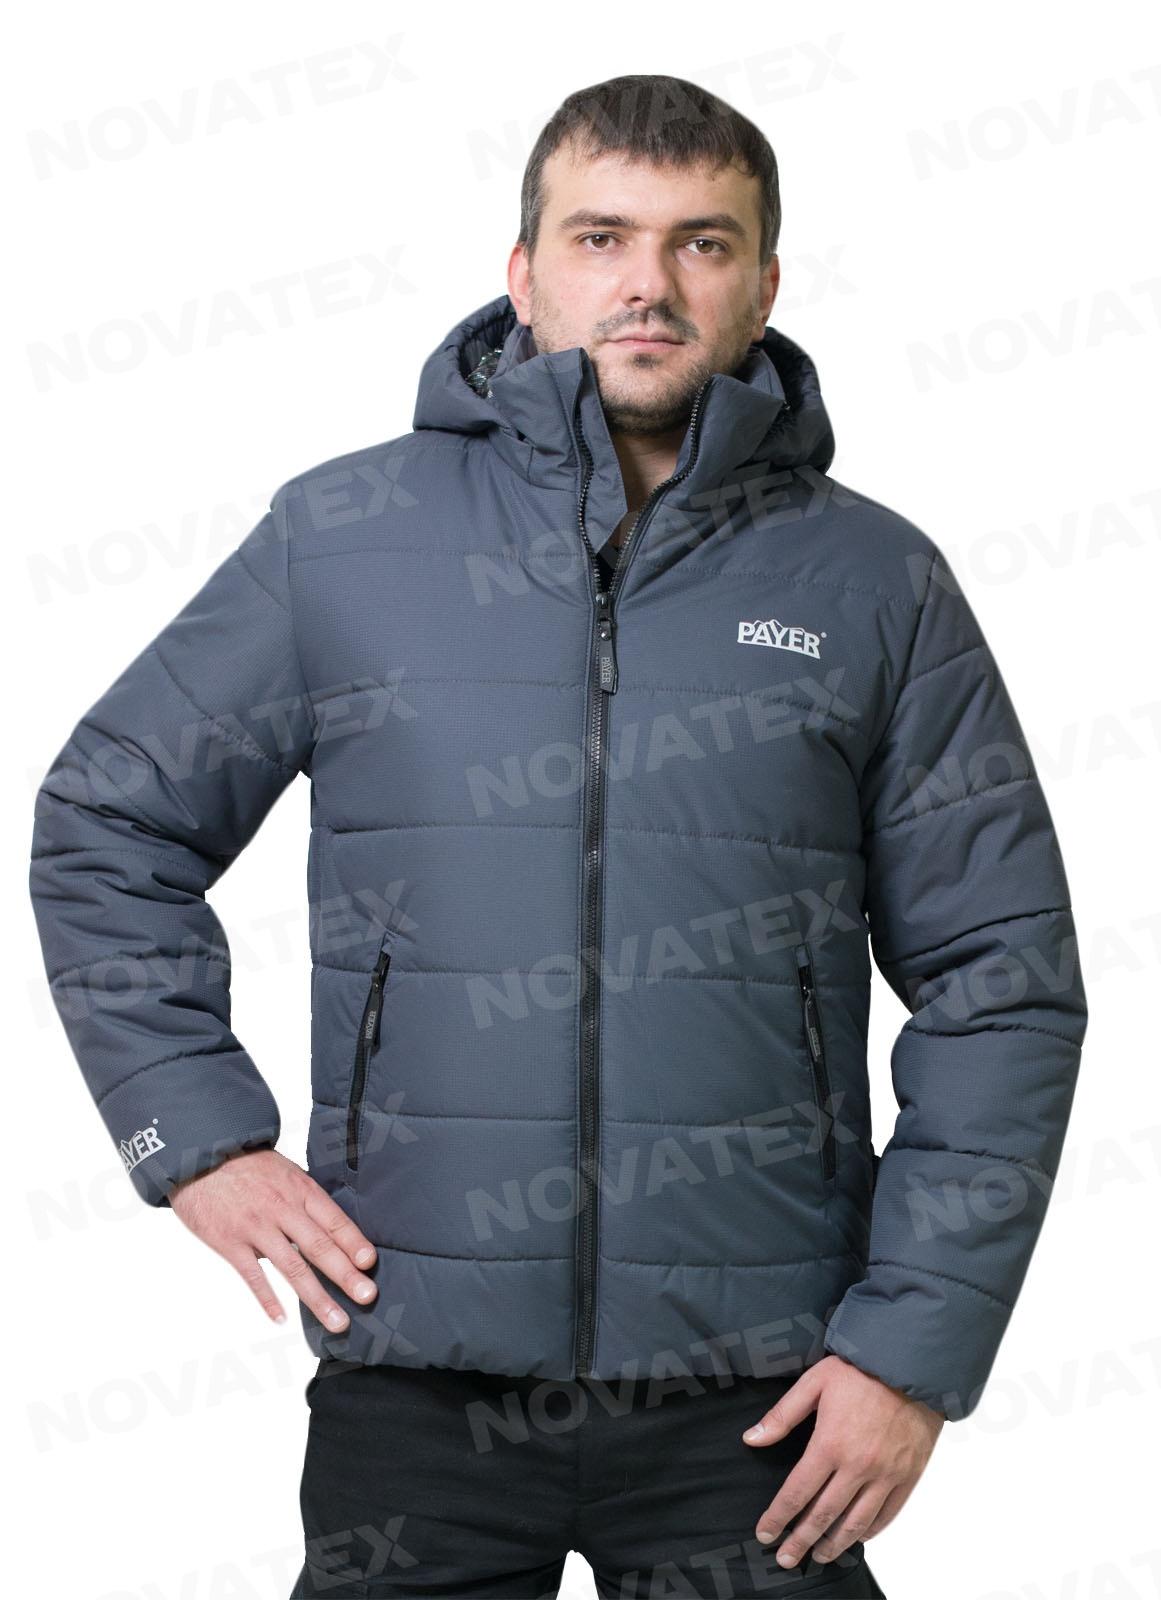 Куртка «Партизан NEW» (таслан, серый) (реверс) Куртки утепленные<br>Зимняя куртка «Партизан» (ТМ «Payer») от компании <br>Novatex это еще один представитель универсальной <br>линейки костюмов, которые подойдут как <br>для города, так и для природы. Эта куртка <br>из современной мембранной ткани «Таслан» <br>с отличной водо-ветрозащитой, обладает <br>хорошей паропроводимостью. (5000/5000). Надежный <br>слой утеплителя «Термотекс» и фольгированная <br>подкладка обеспечивают сохранение тепла <br>и создают надежную защиту от холода.<br><br>Пол: мужской<br>Размер: 48-50<br>Рост: 182-188<br>Сезон: зима<br>Цвет: синий